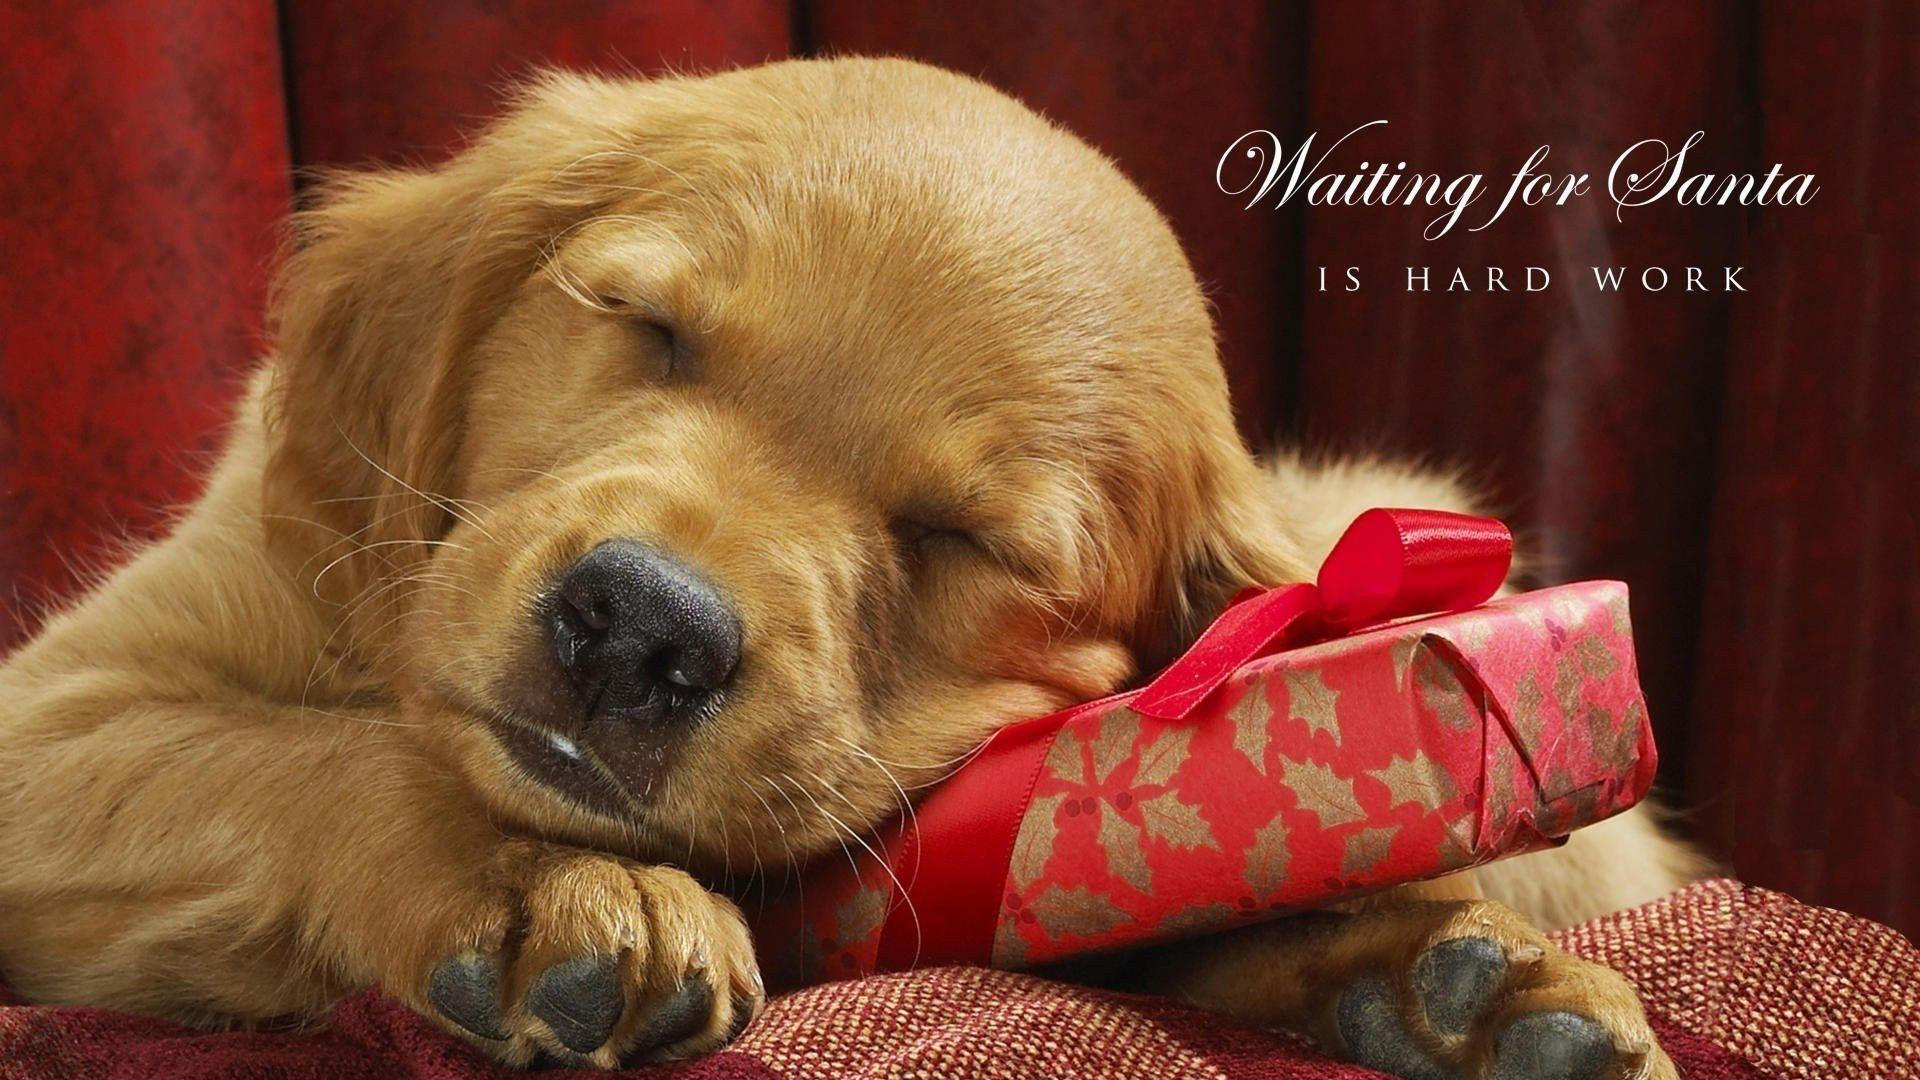 Free Funny Screensavers 2: Christmas Dog Wallpapers